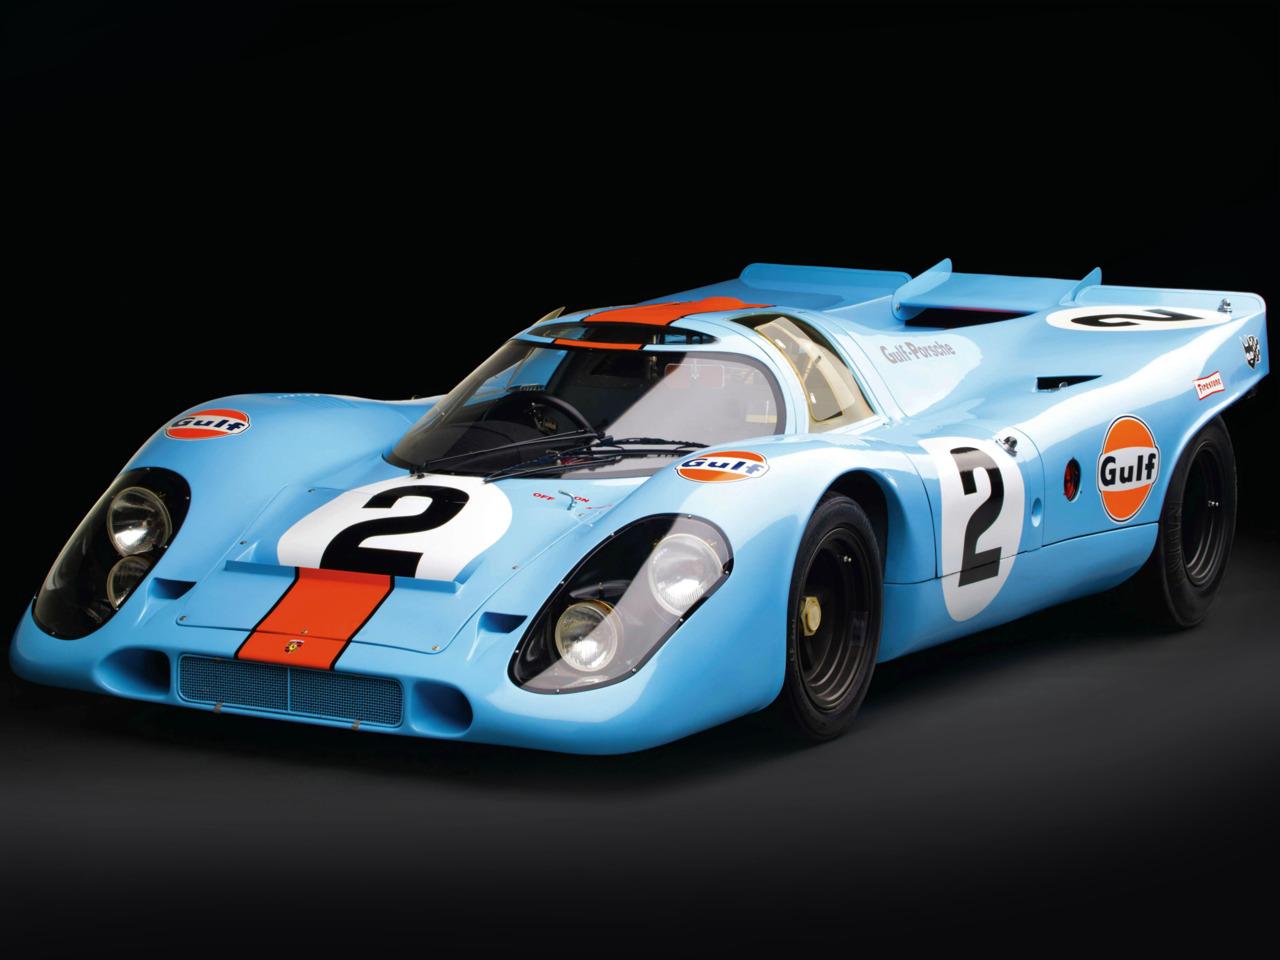 Hành Trình phát triển qua 62 năm sau tay lái của 20 chiếc xe đua của Porsche. - 104612